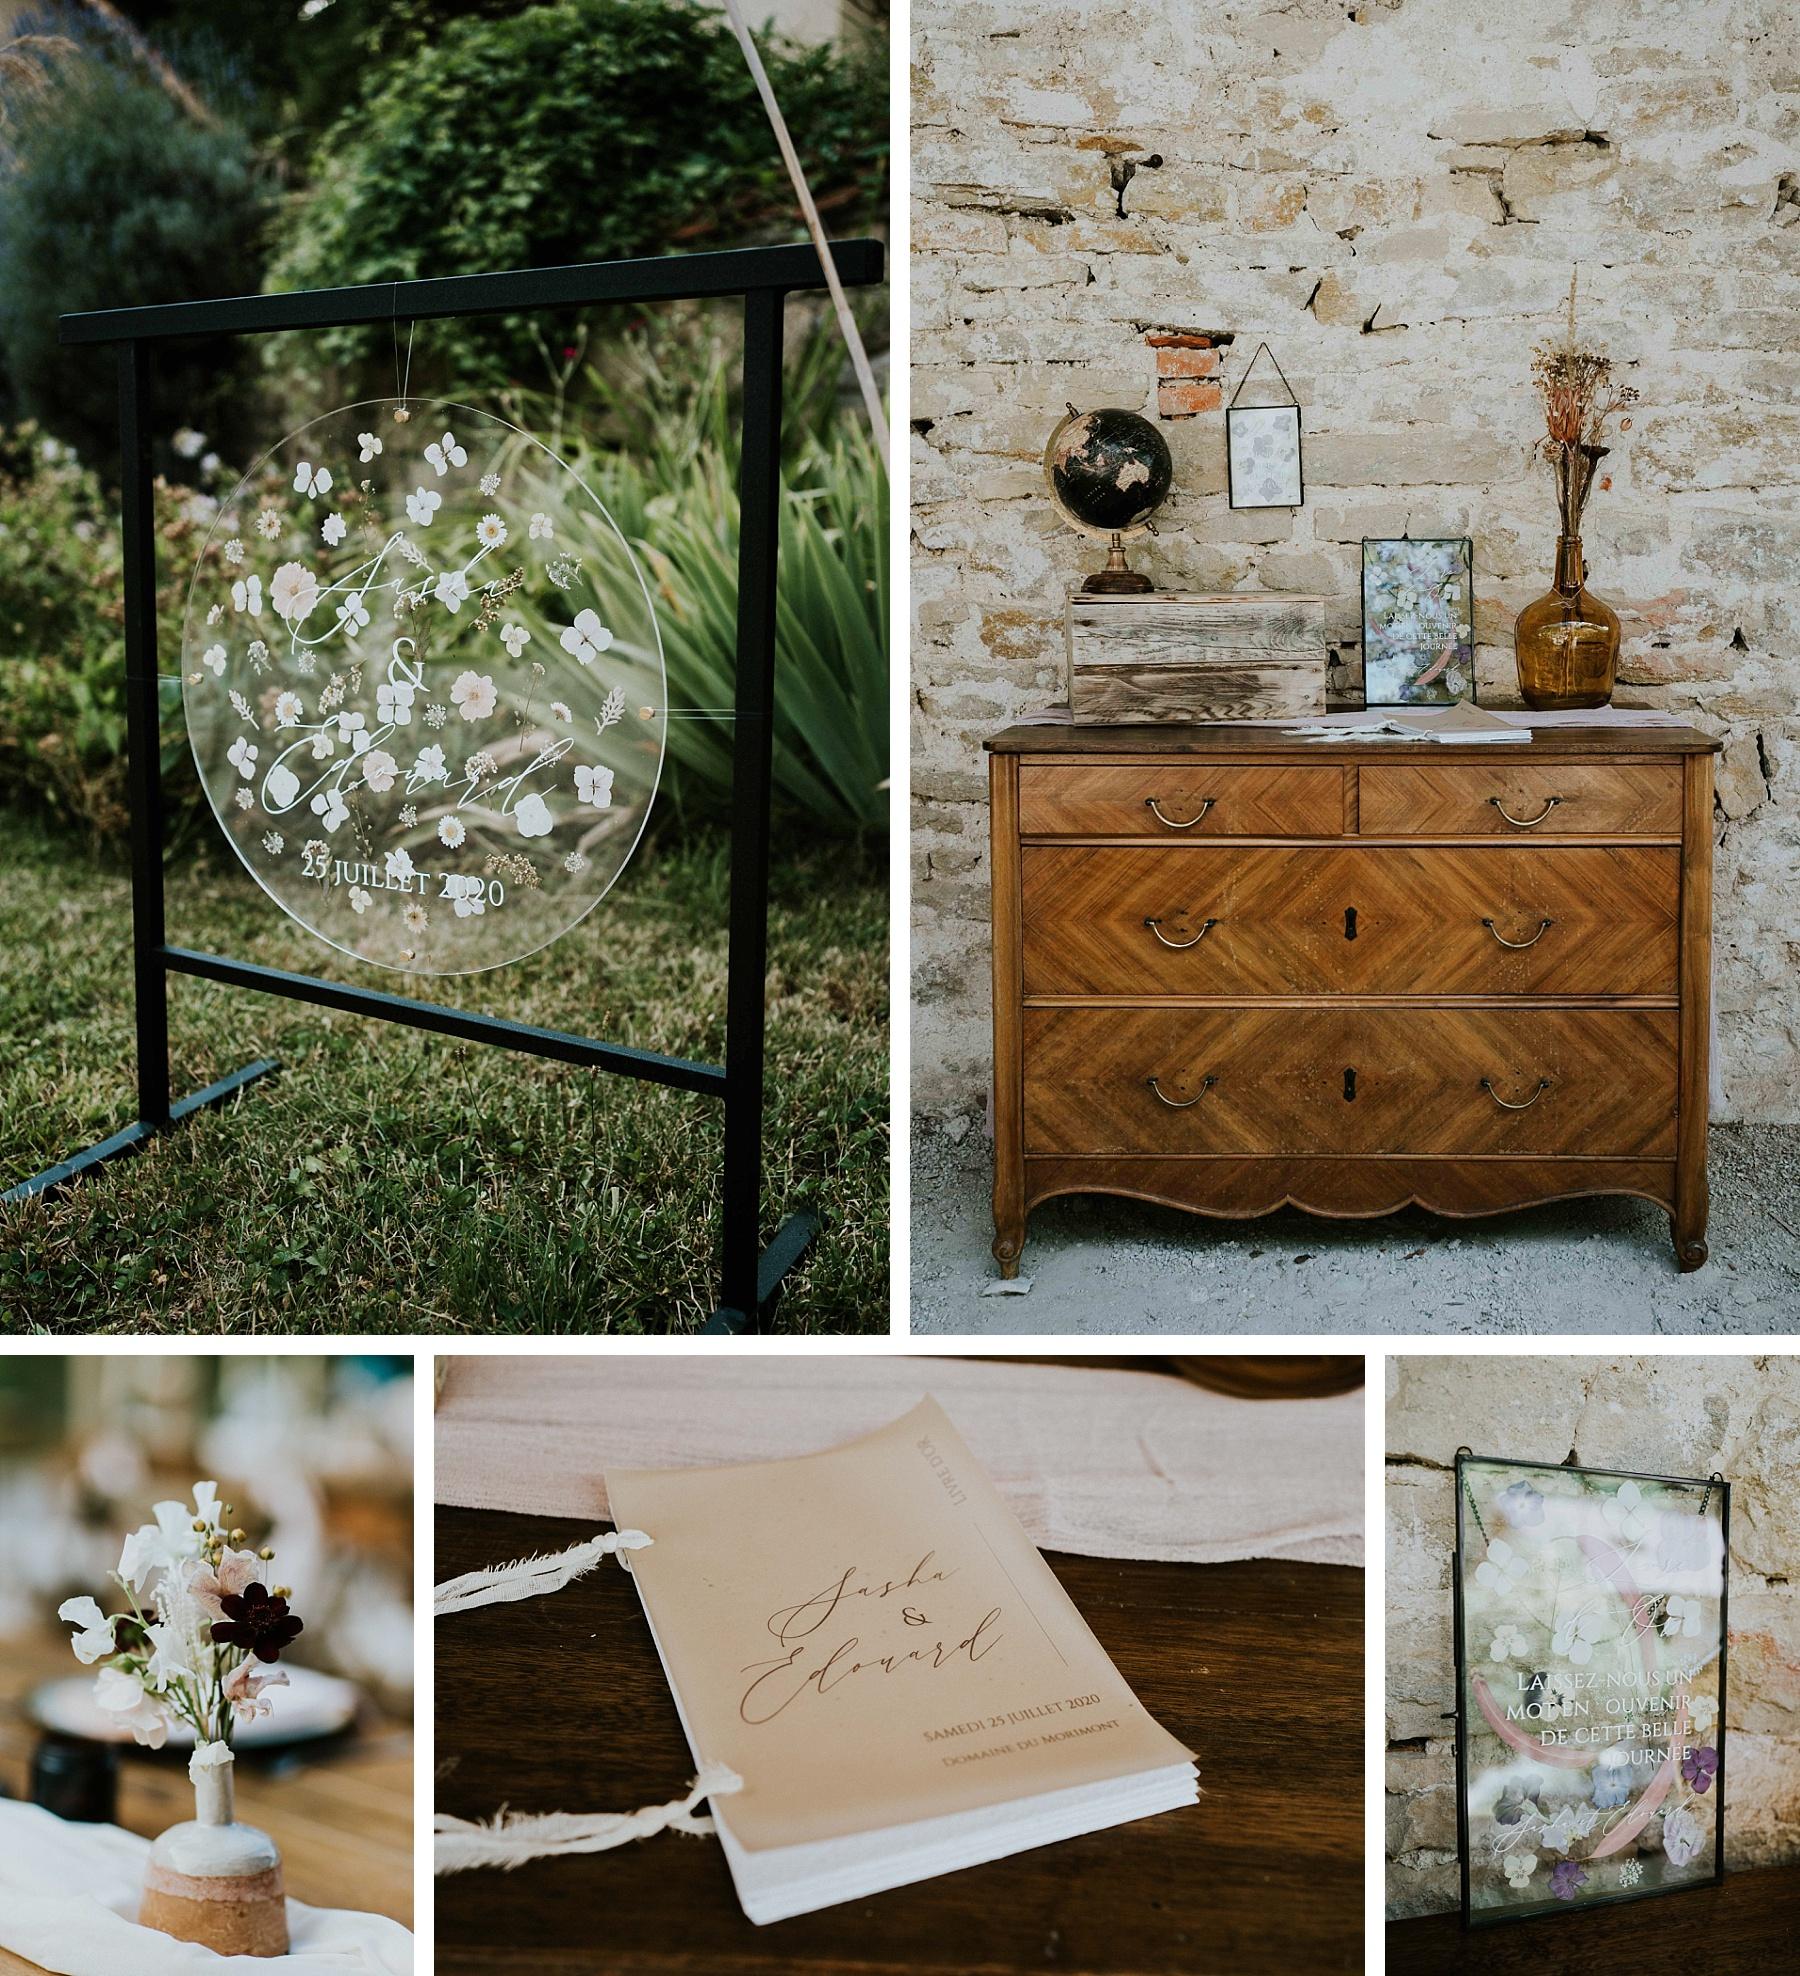 panneau bienvenue mariage eco responsable fleurs séchées